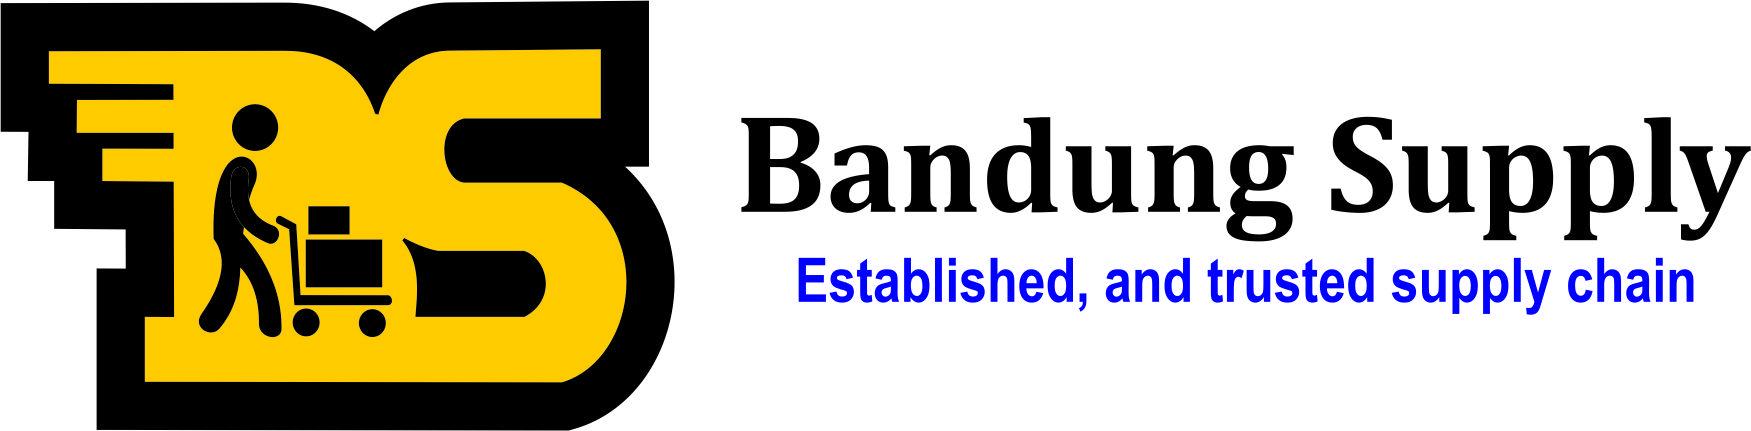 BANDUNG SUPPLY